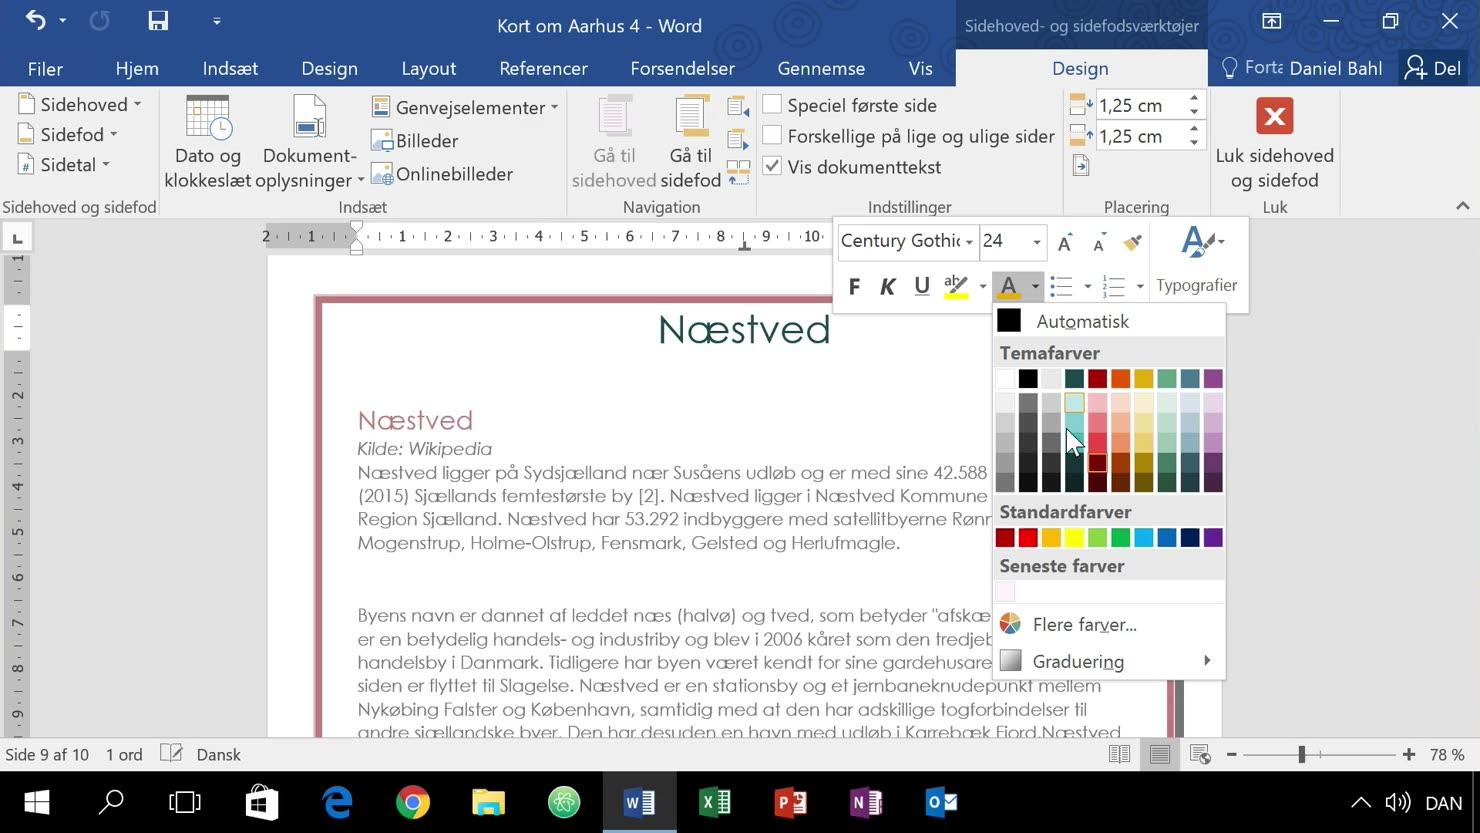 Design dit dokument med sidefarver, rammer, kanter og vandmærker